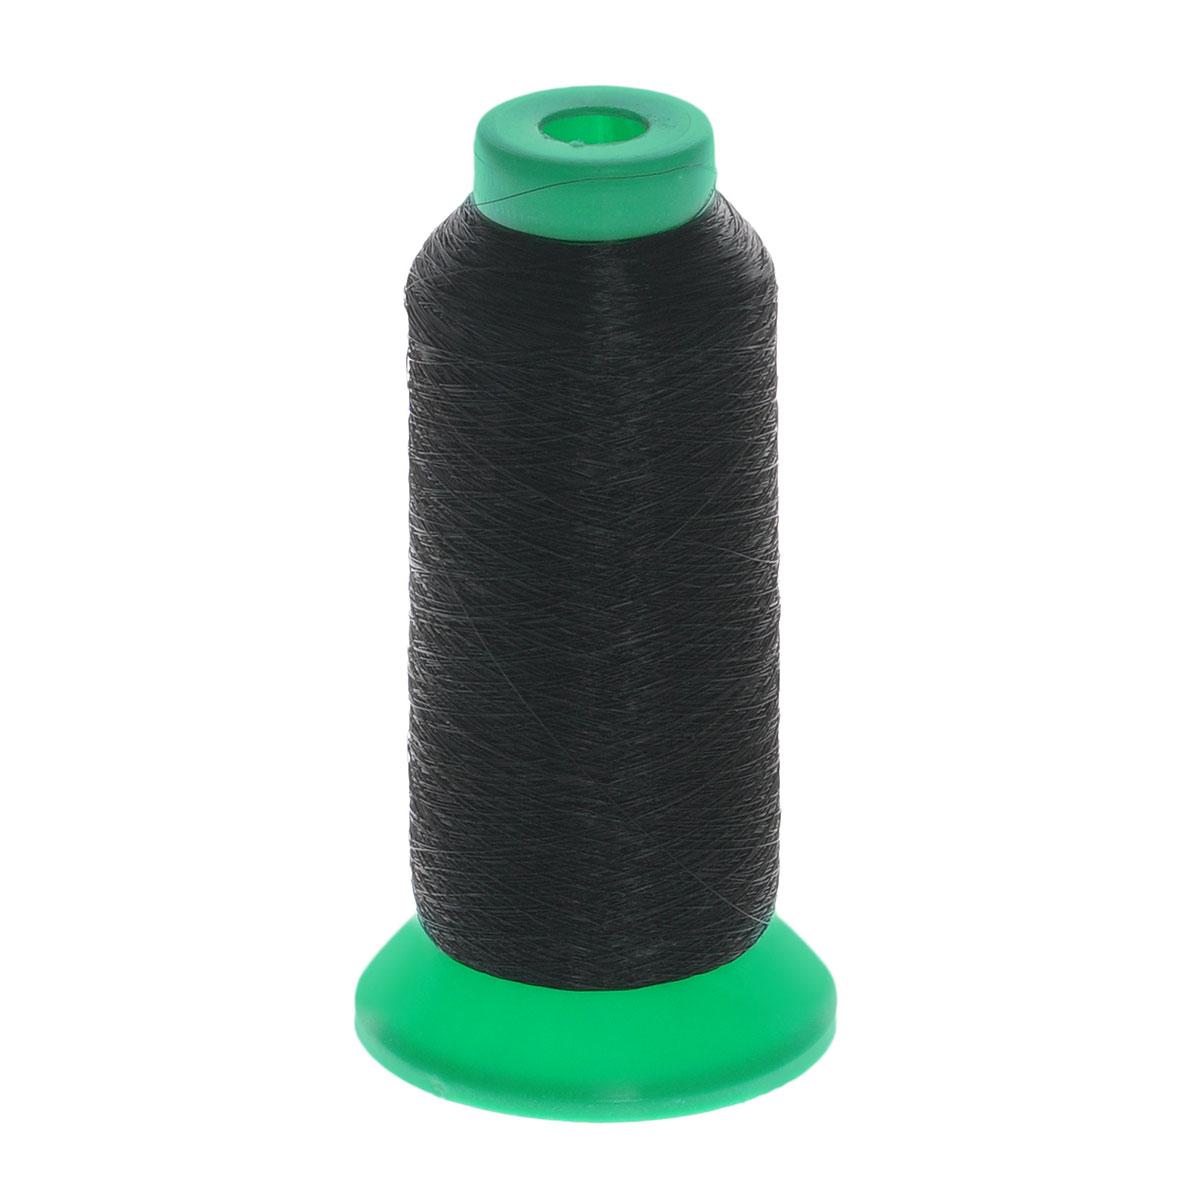 Моно-нить нейлоновая, цвет: черный, толщина 0,15 мм, 4572 м